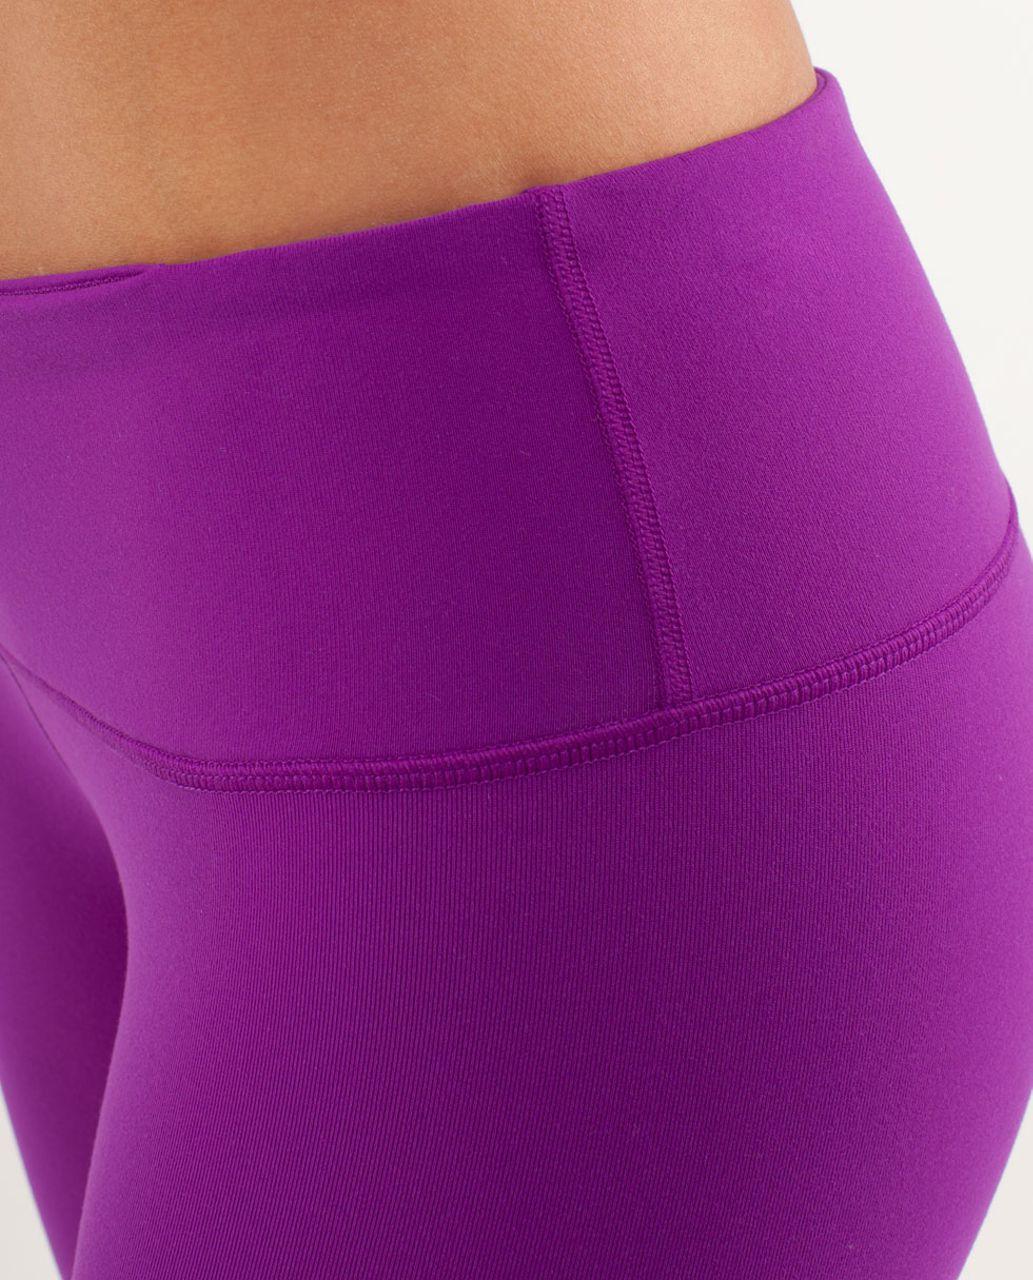 Lululemon Wunder Under Pant - Tender Violet